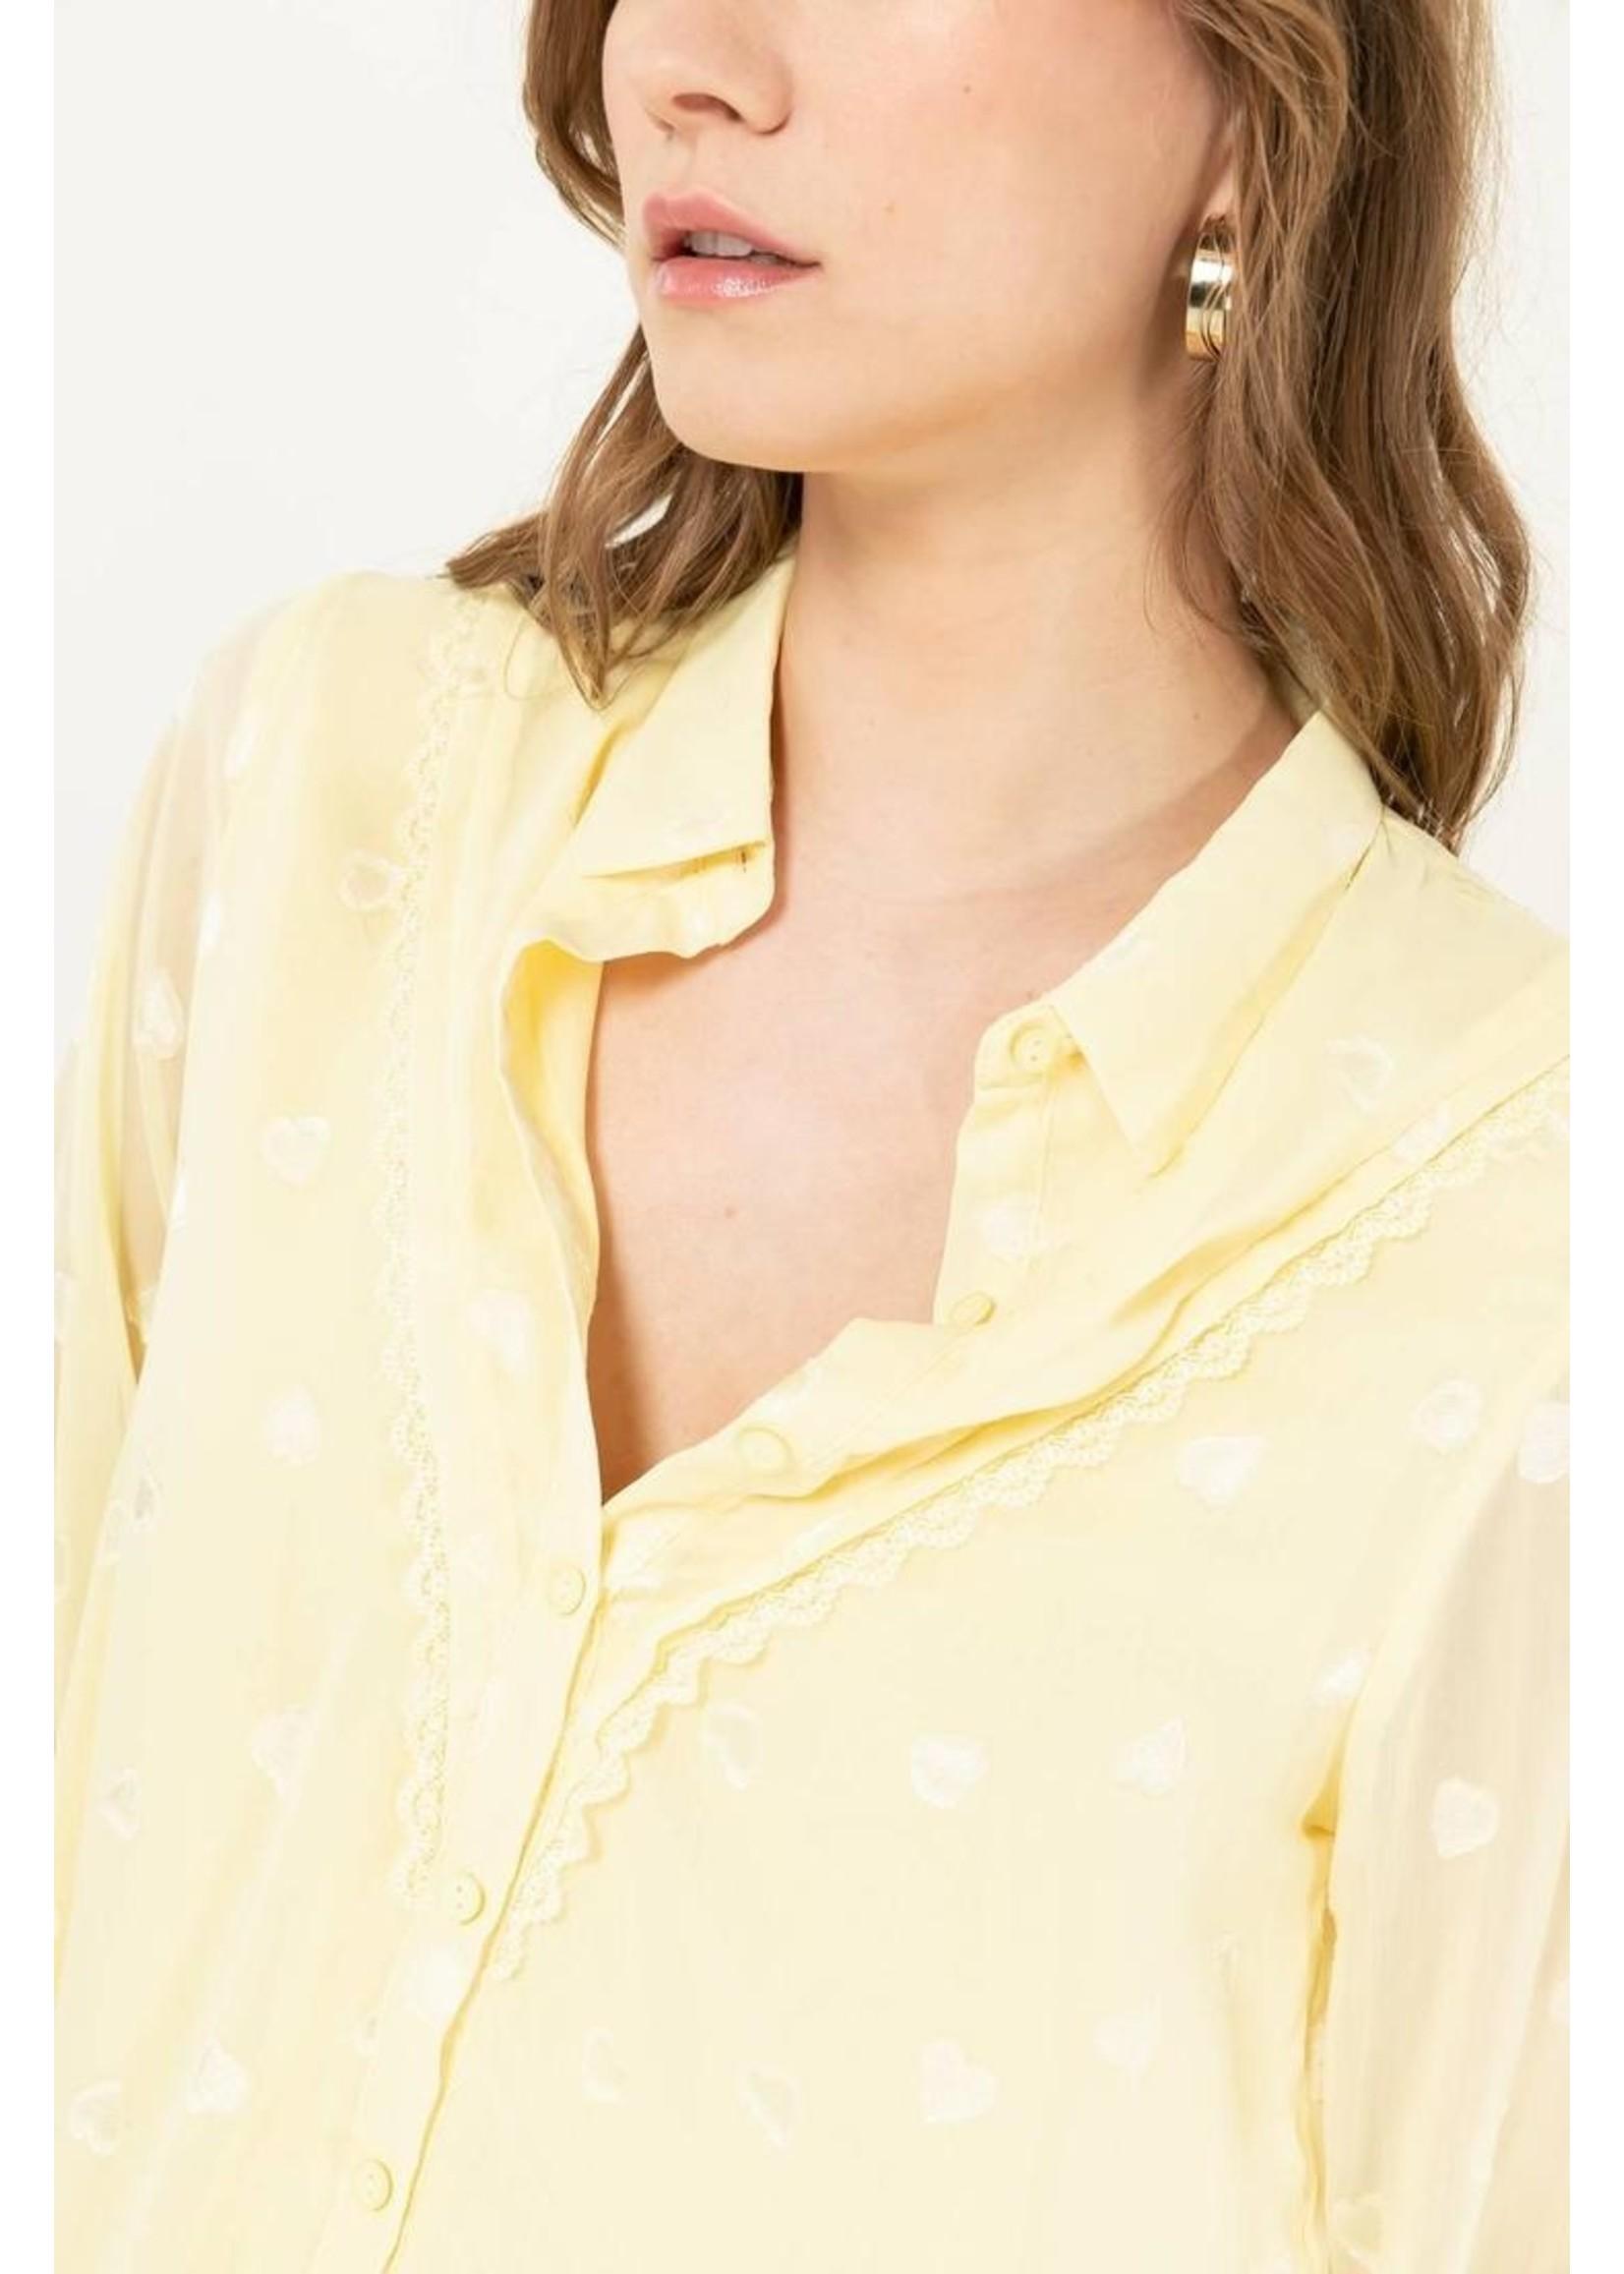 Cherry Paris Officiel Yellow heart blouse